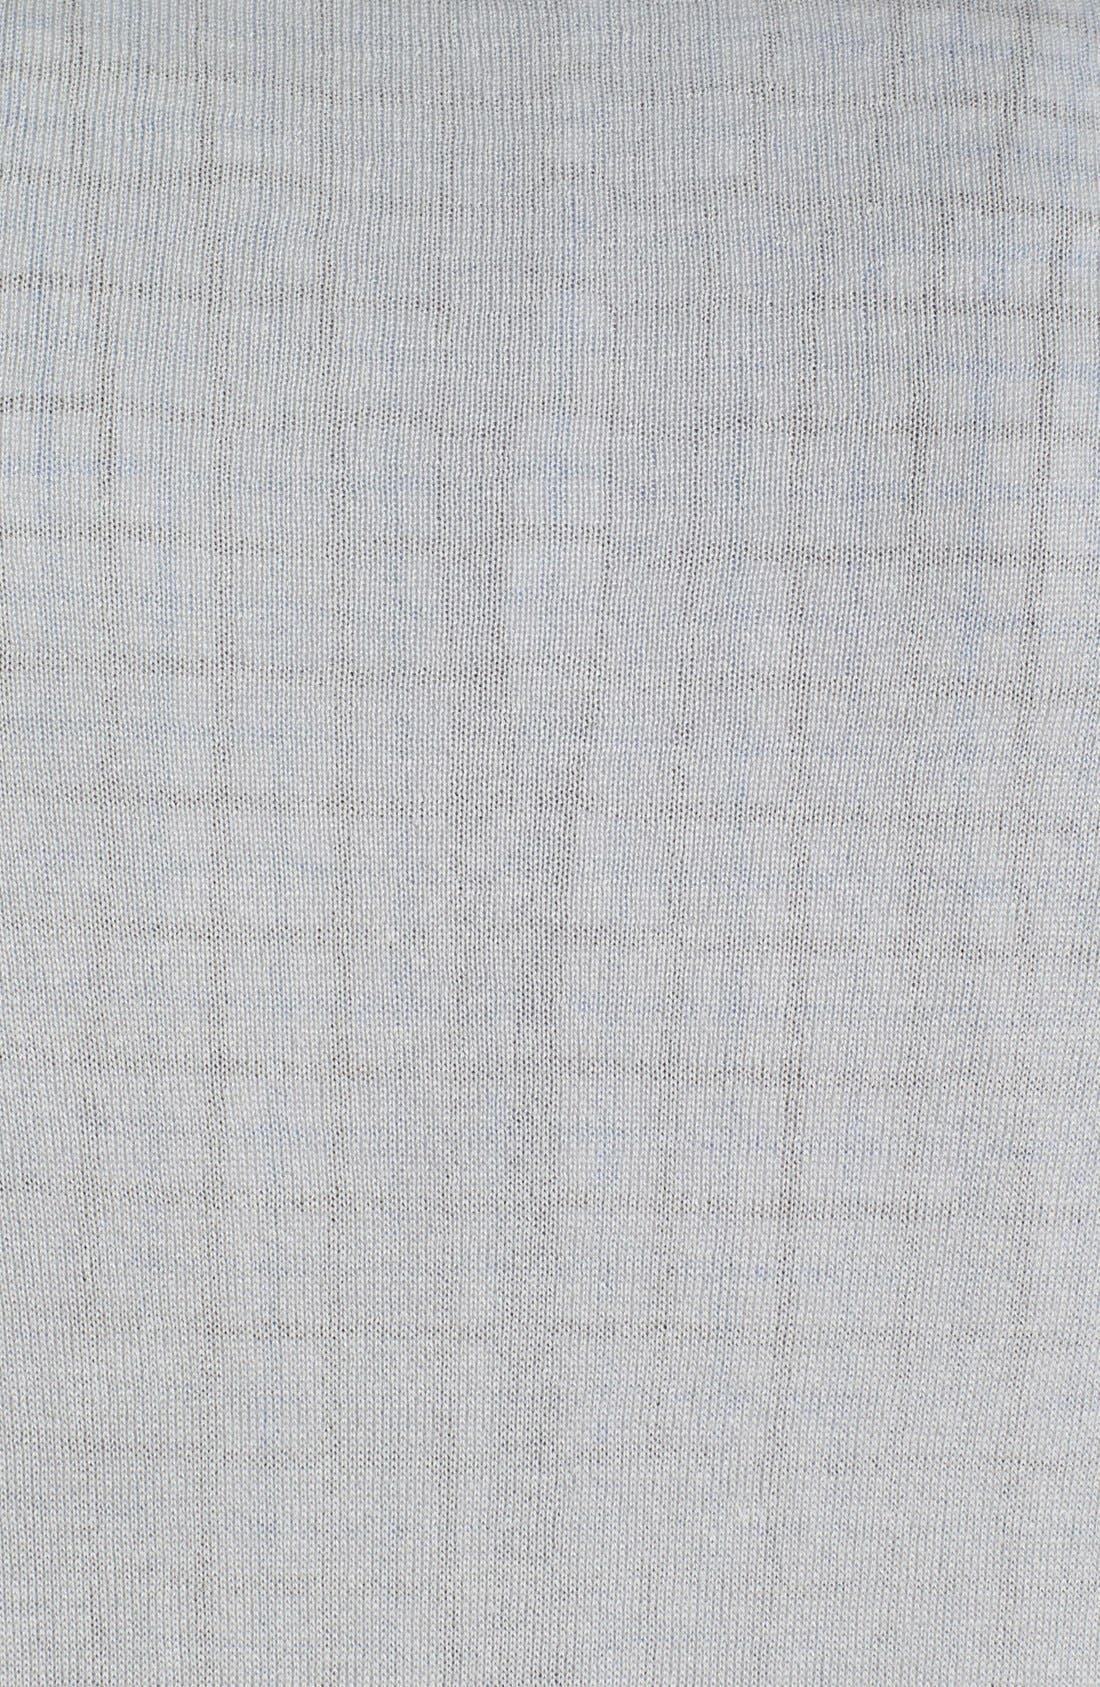 Alternate Image 3  - Robert Talbott Mock Neck Linen Blend Sweater